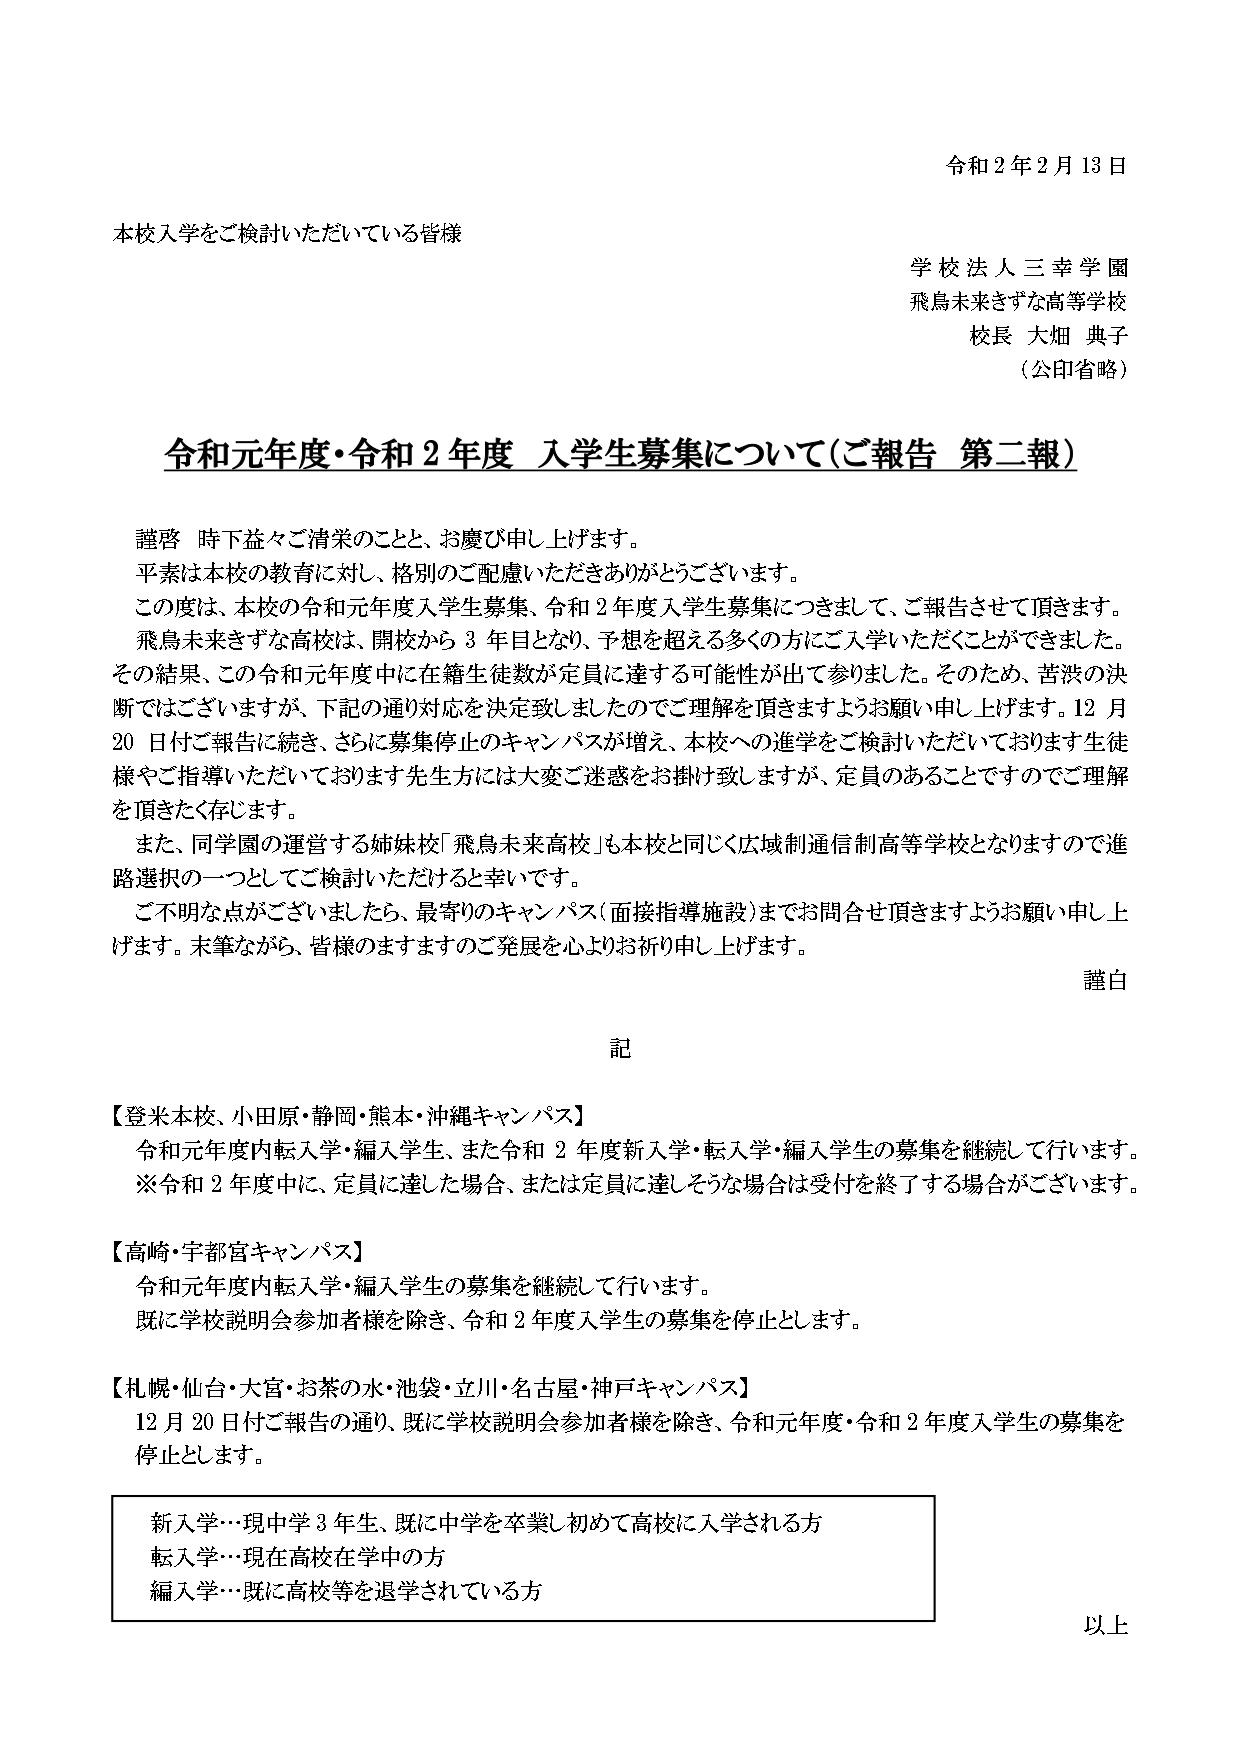 札幌CPきずな【募集について】HP掲載文書20200213_page-0001.jpg